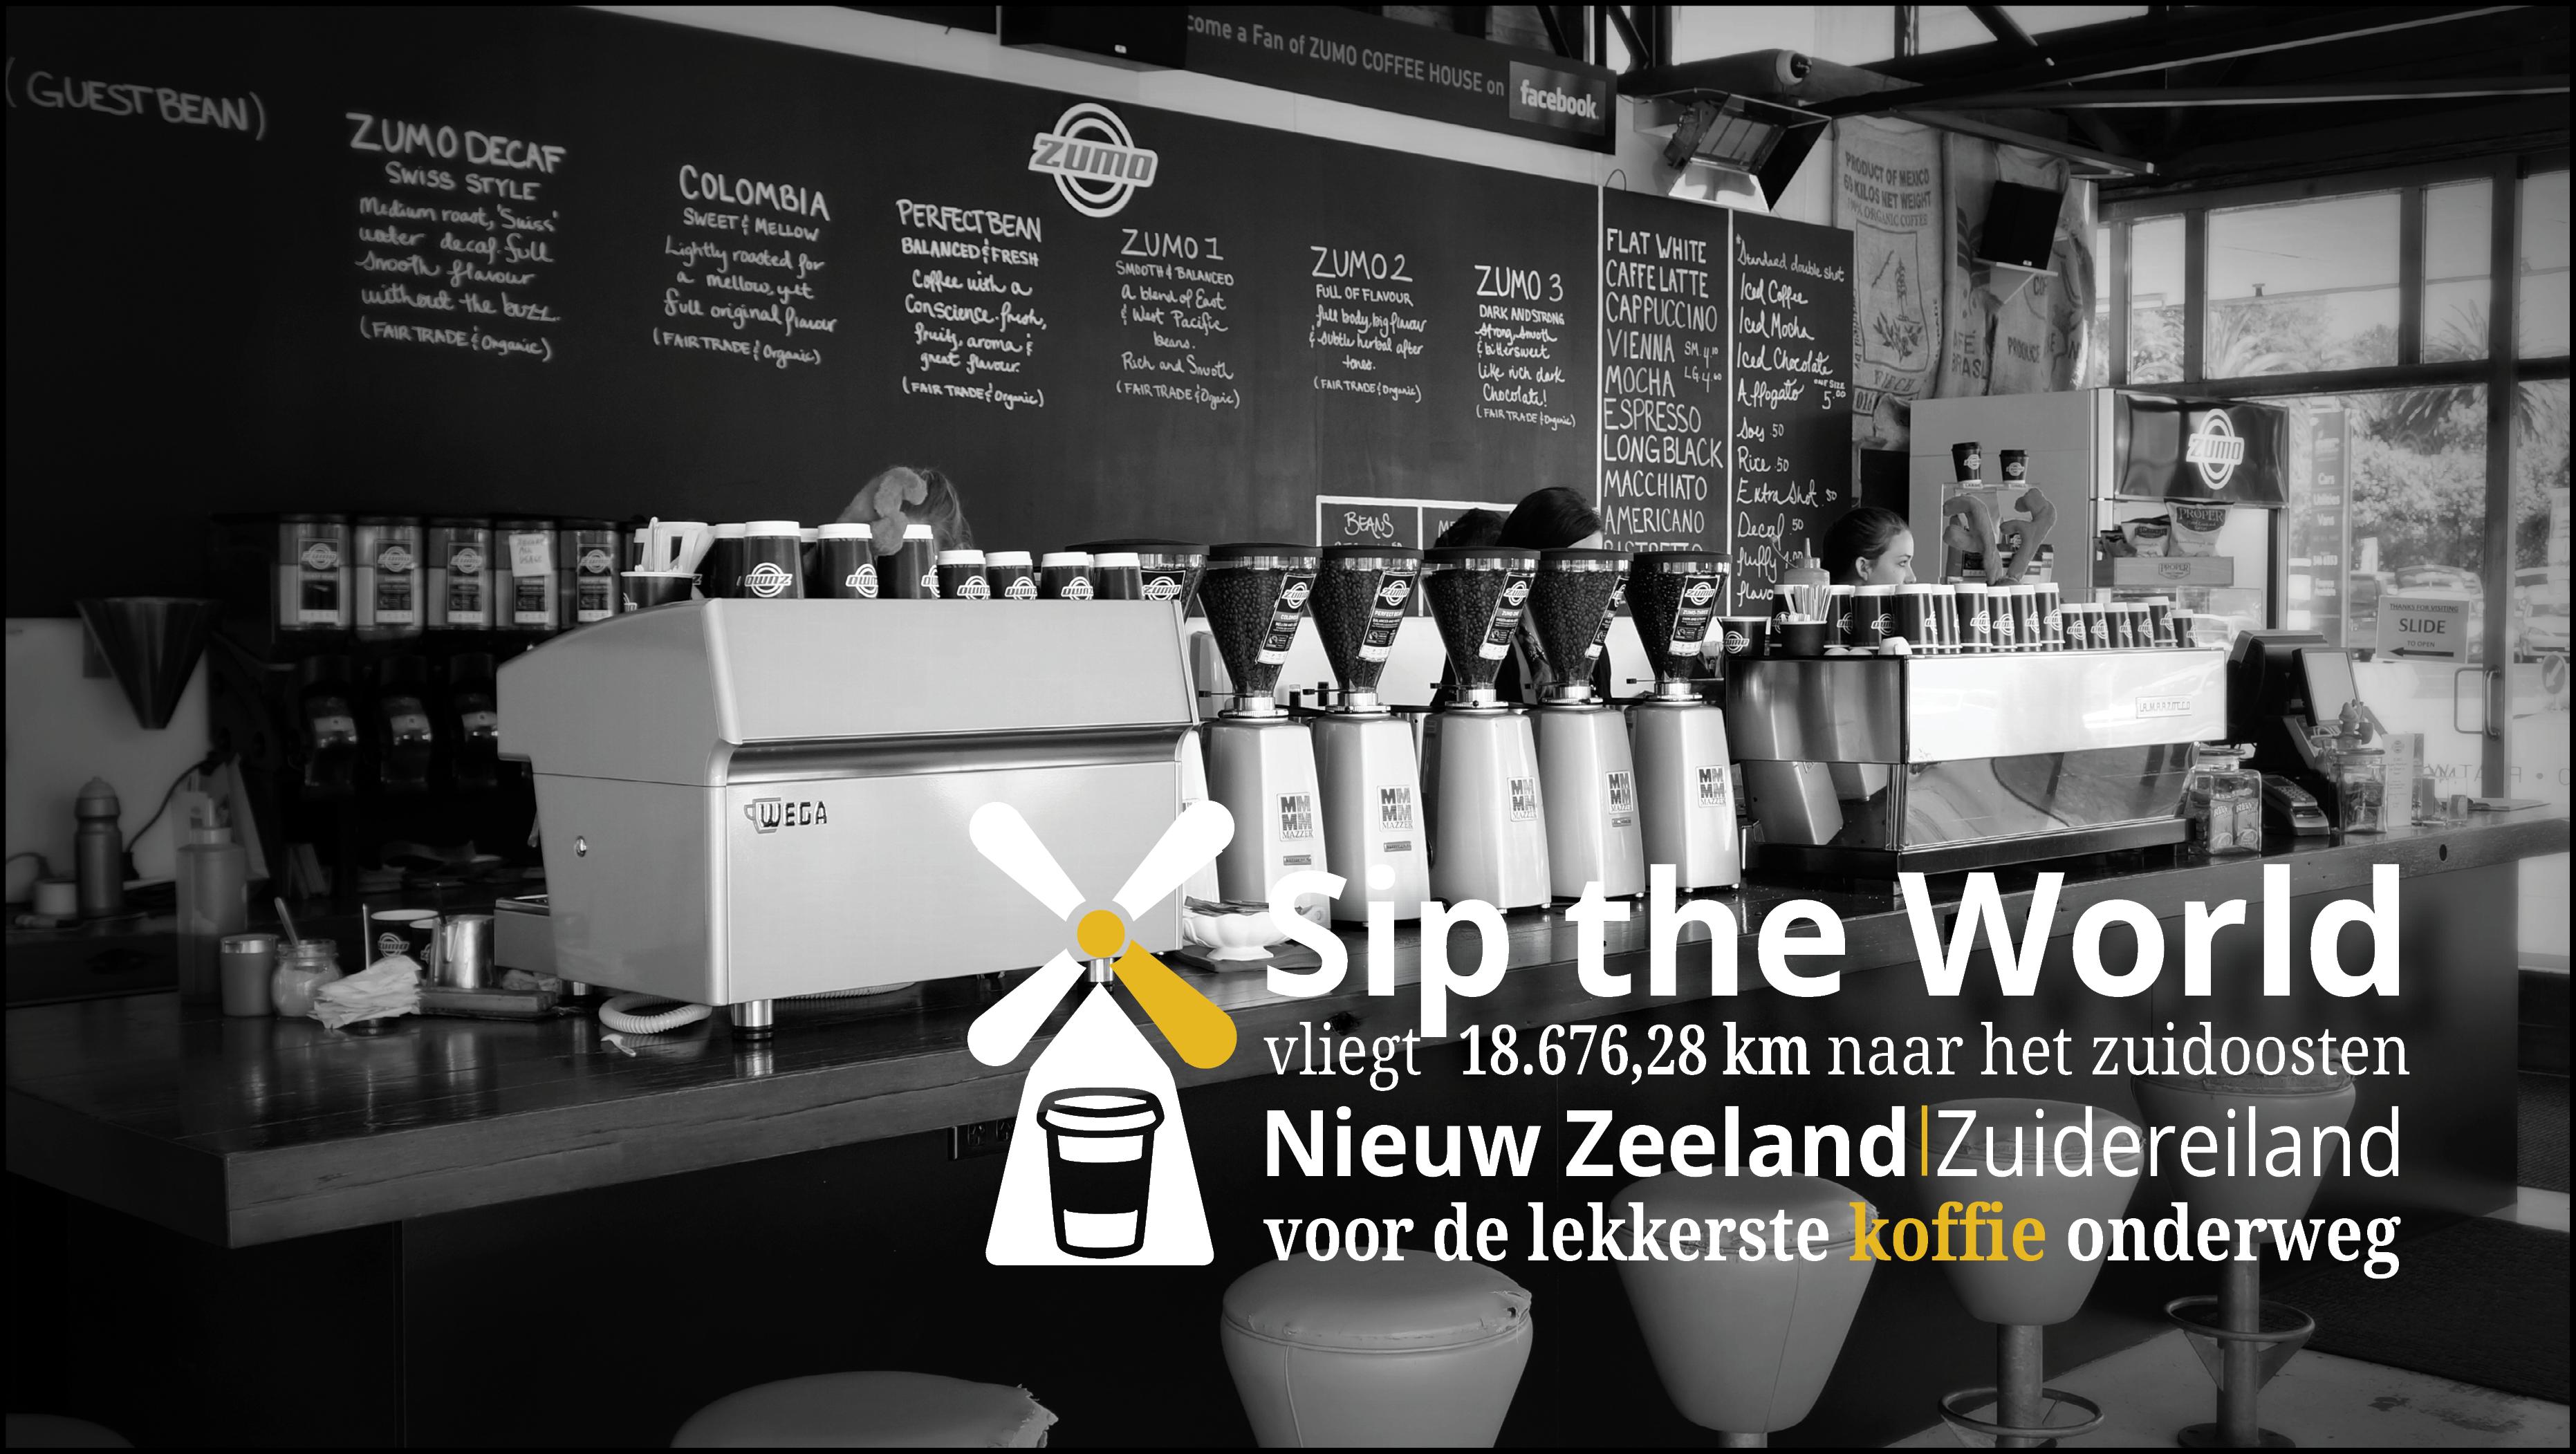 Nieuwe reisinspiratie te vinden op www.siptheworld.nl. Deze keer over de lekkerste koffie voor tijdens je rondrit op het Zuidereiland van Nieuw Zeeland!